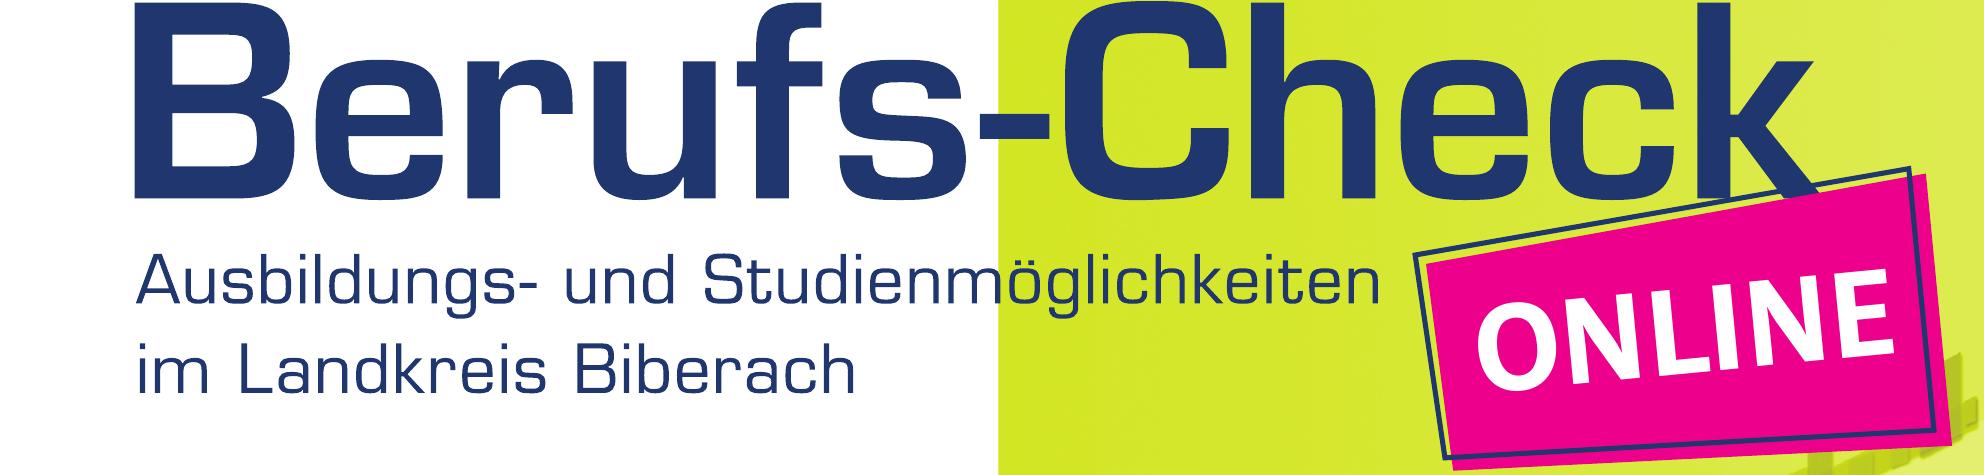 Hochschule Biberach: Ein Studium mit jeder Menge Spielraum Image 1